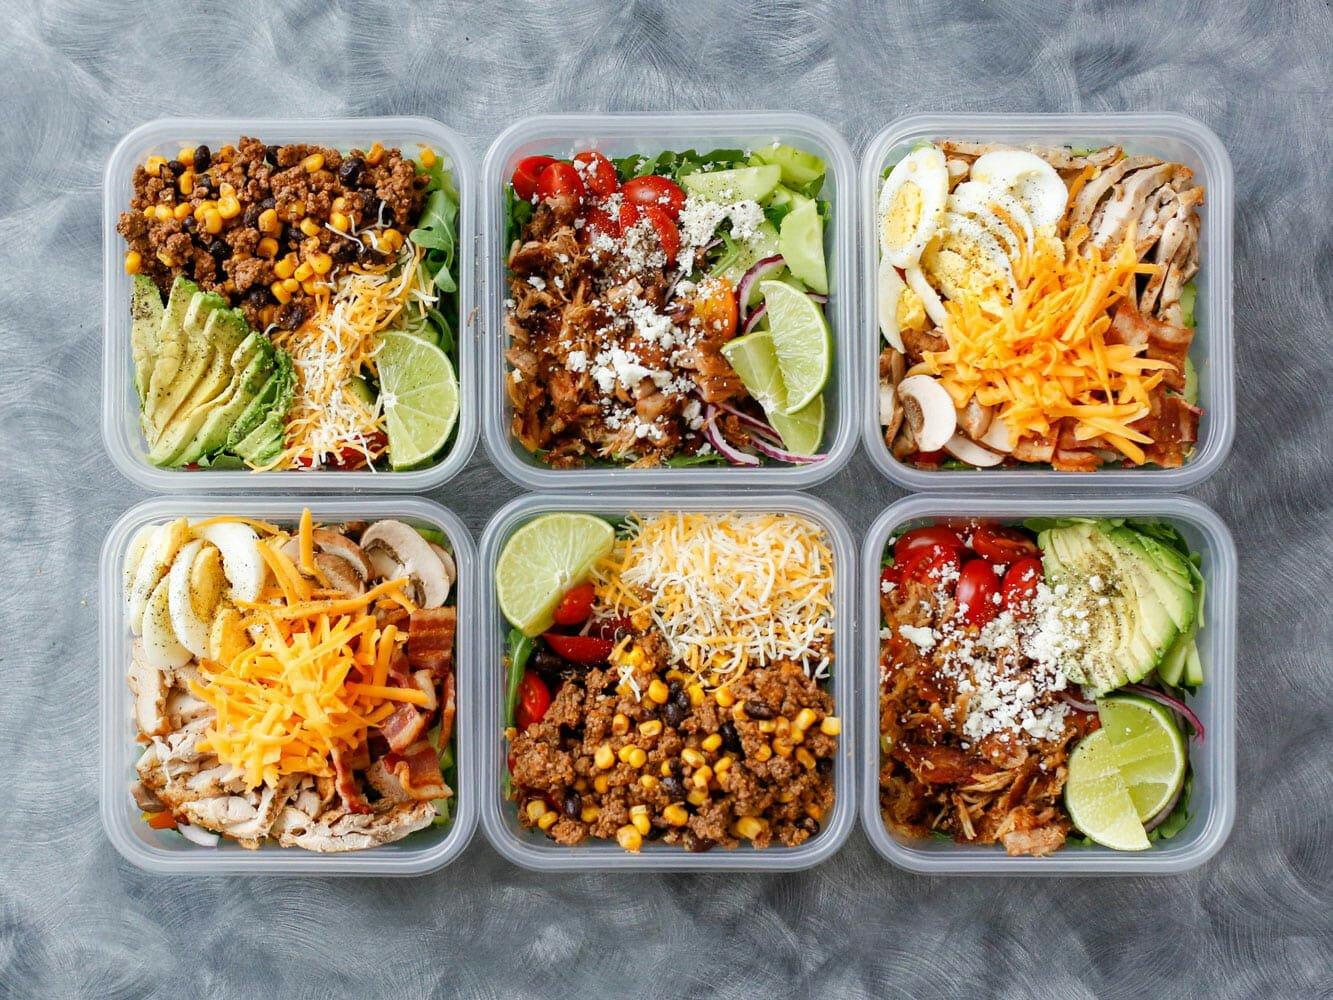 چطور رژیم غذایی مناسب خودمان را انتخاب کنیم